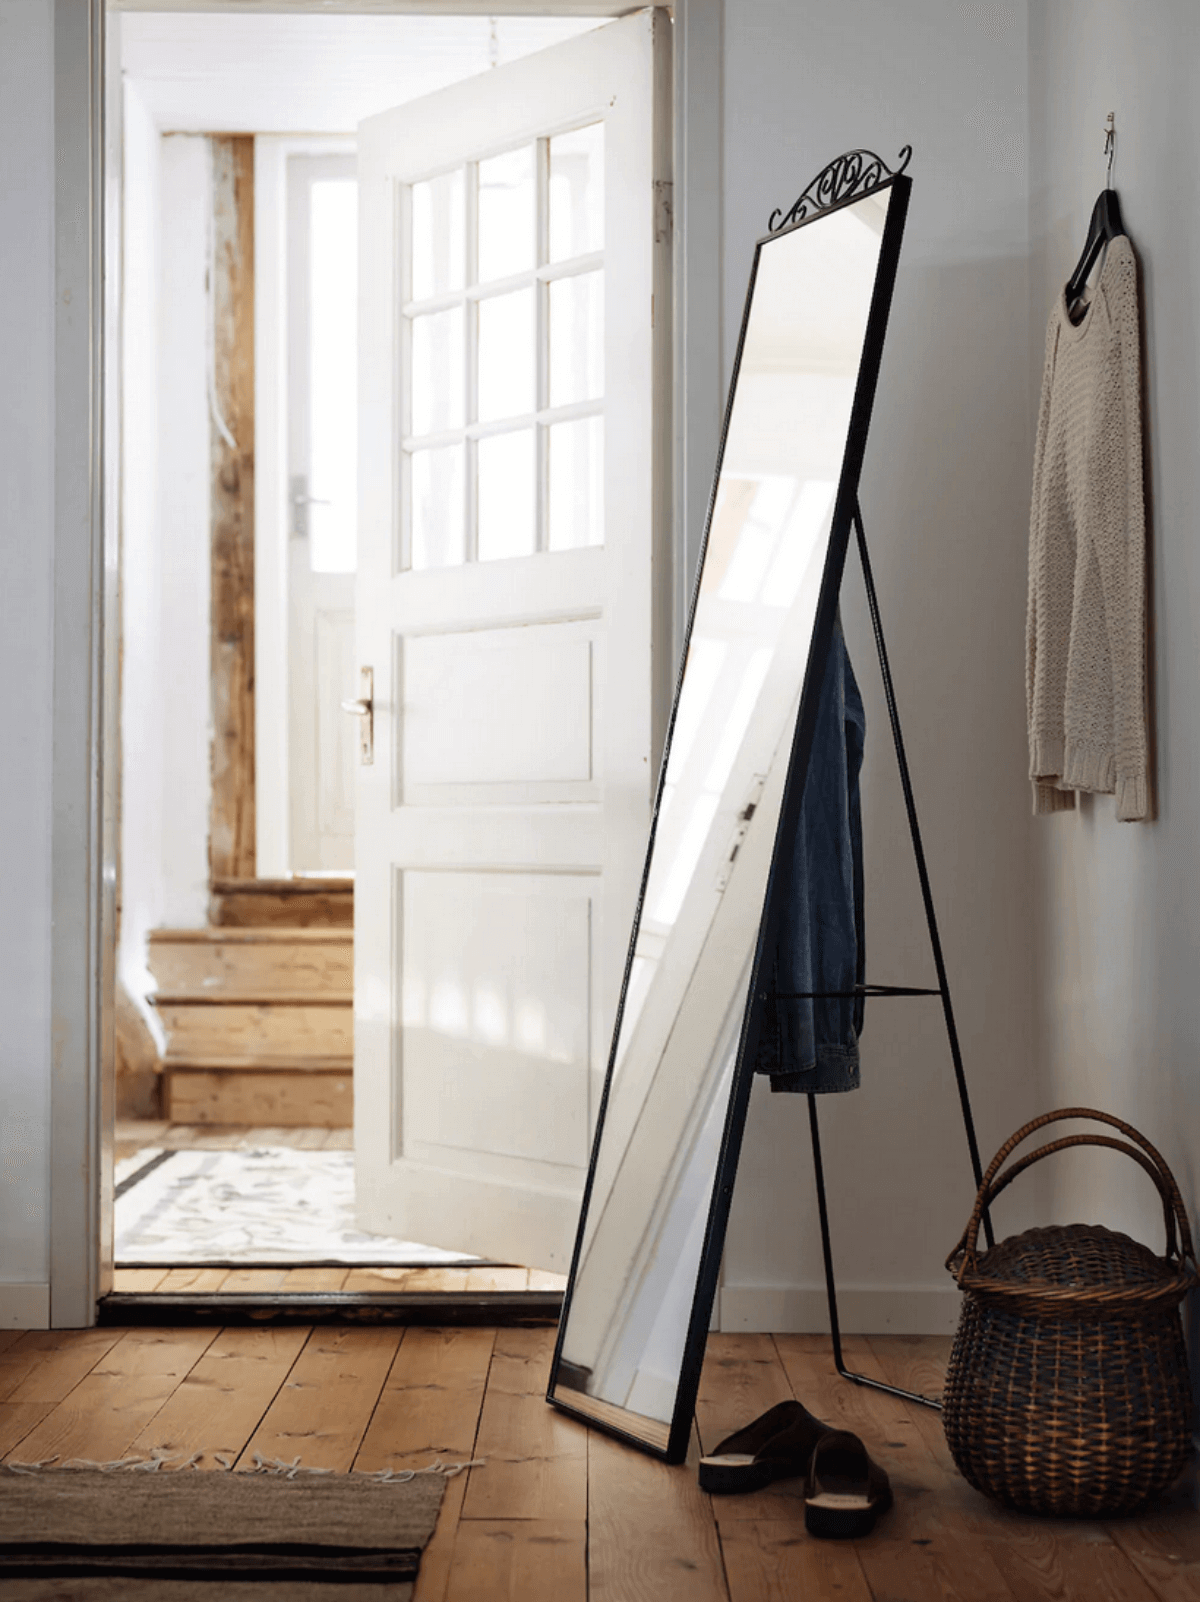 Espelhos de chão: uma tendência que multiplica a beleza da sua casa